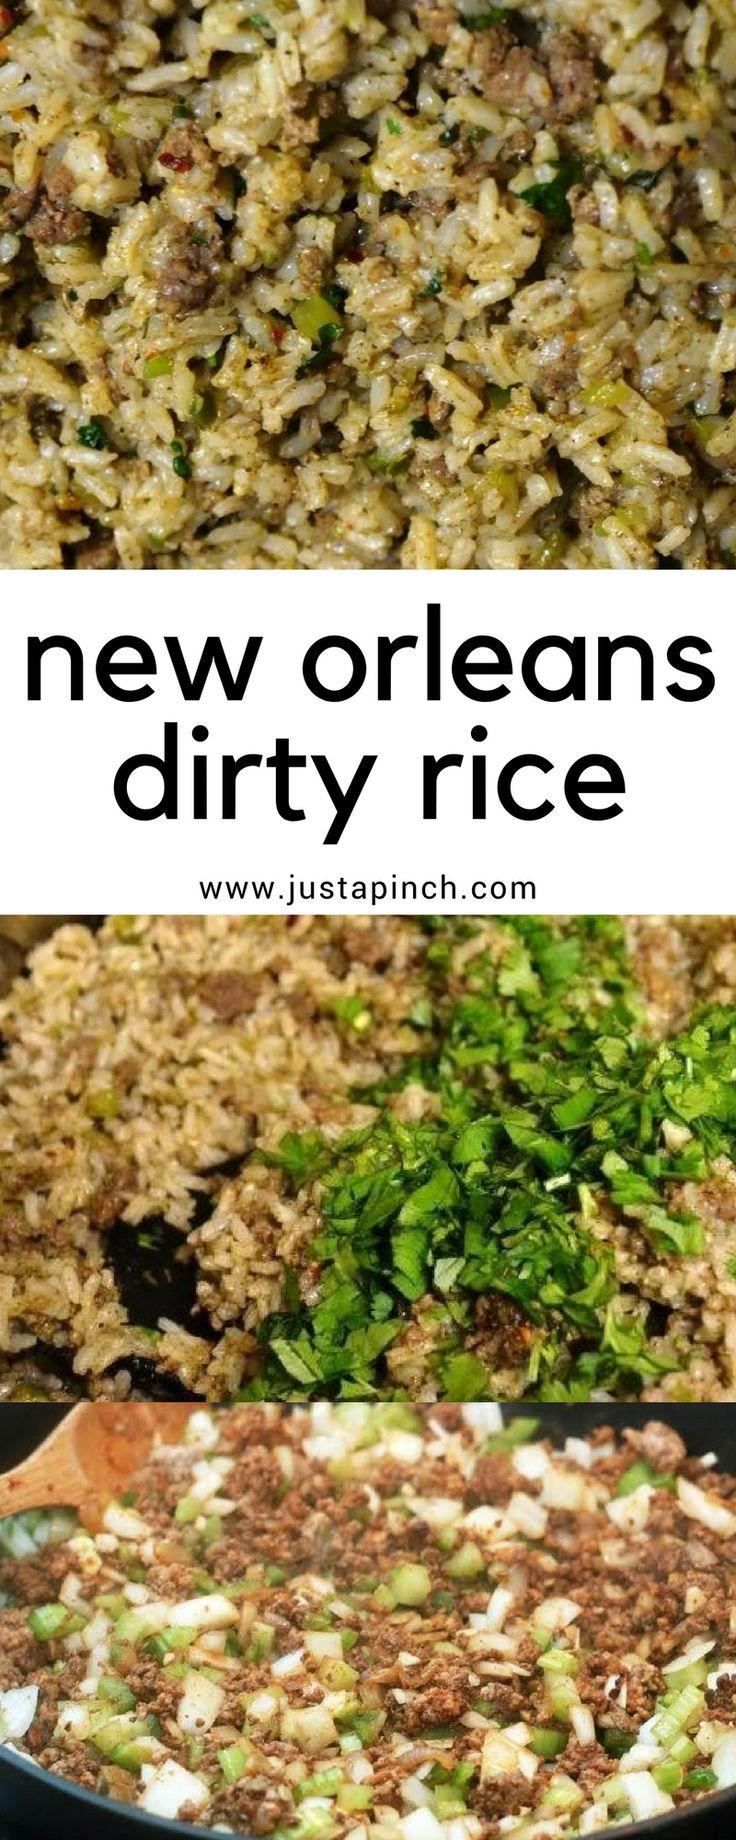 Cajun Rice or Dirty Rice